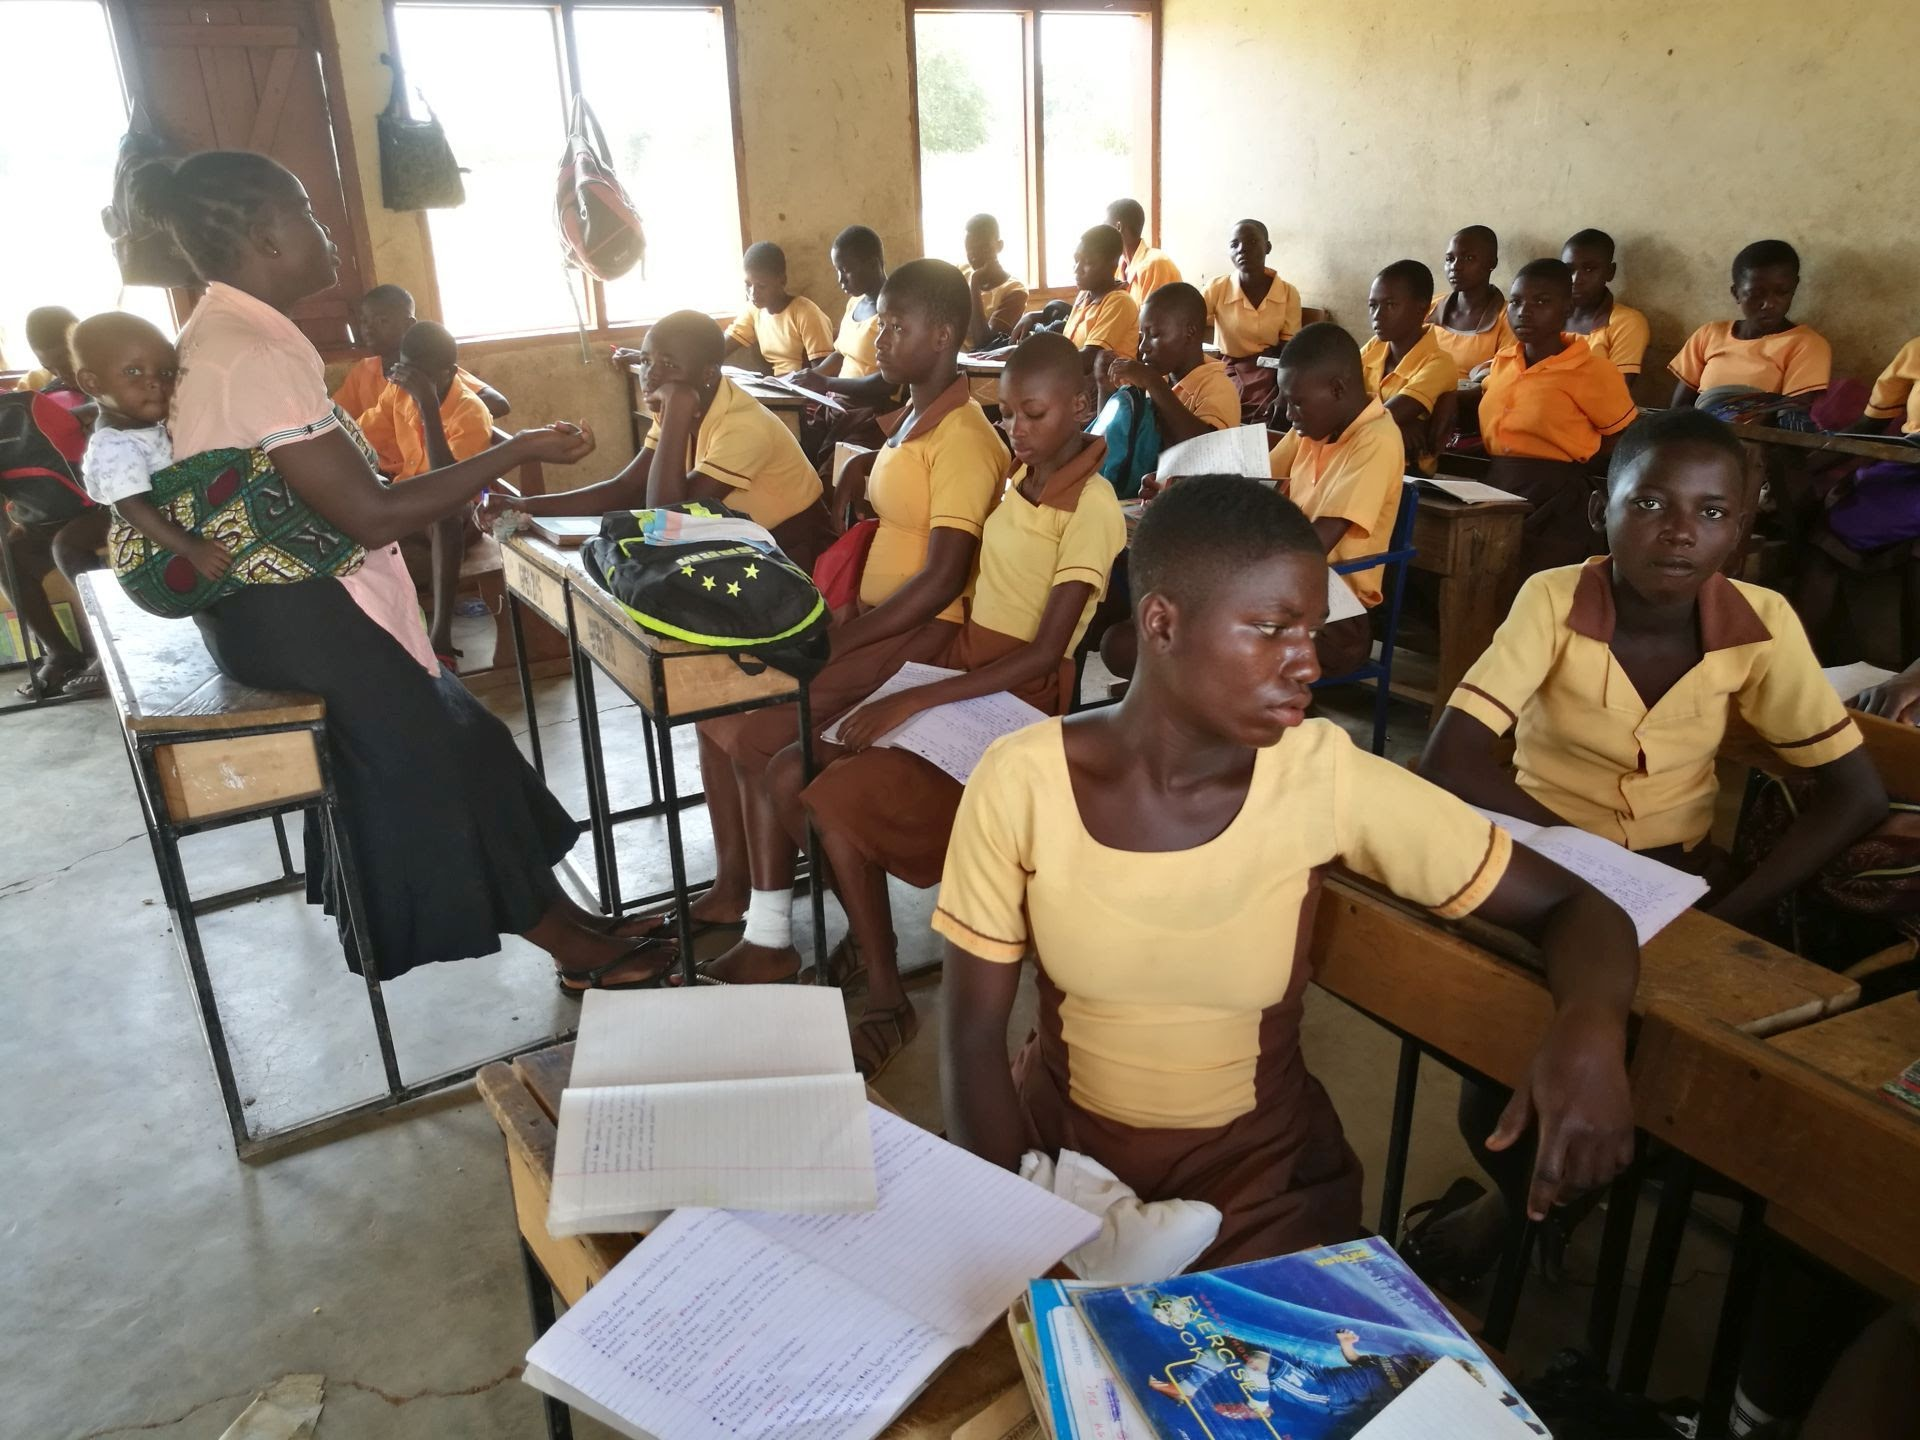 Põhja-Ghana Kongo küla tüdrukud koolitunnis. Foto: Toomas Liivamägi